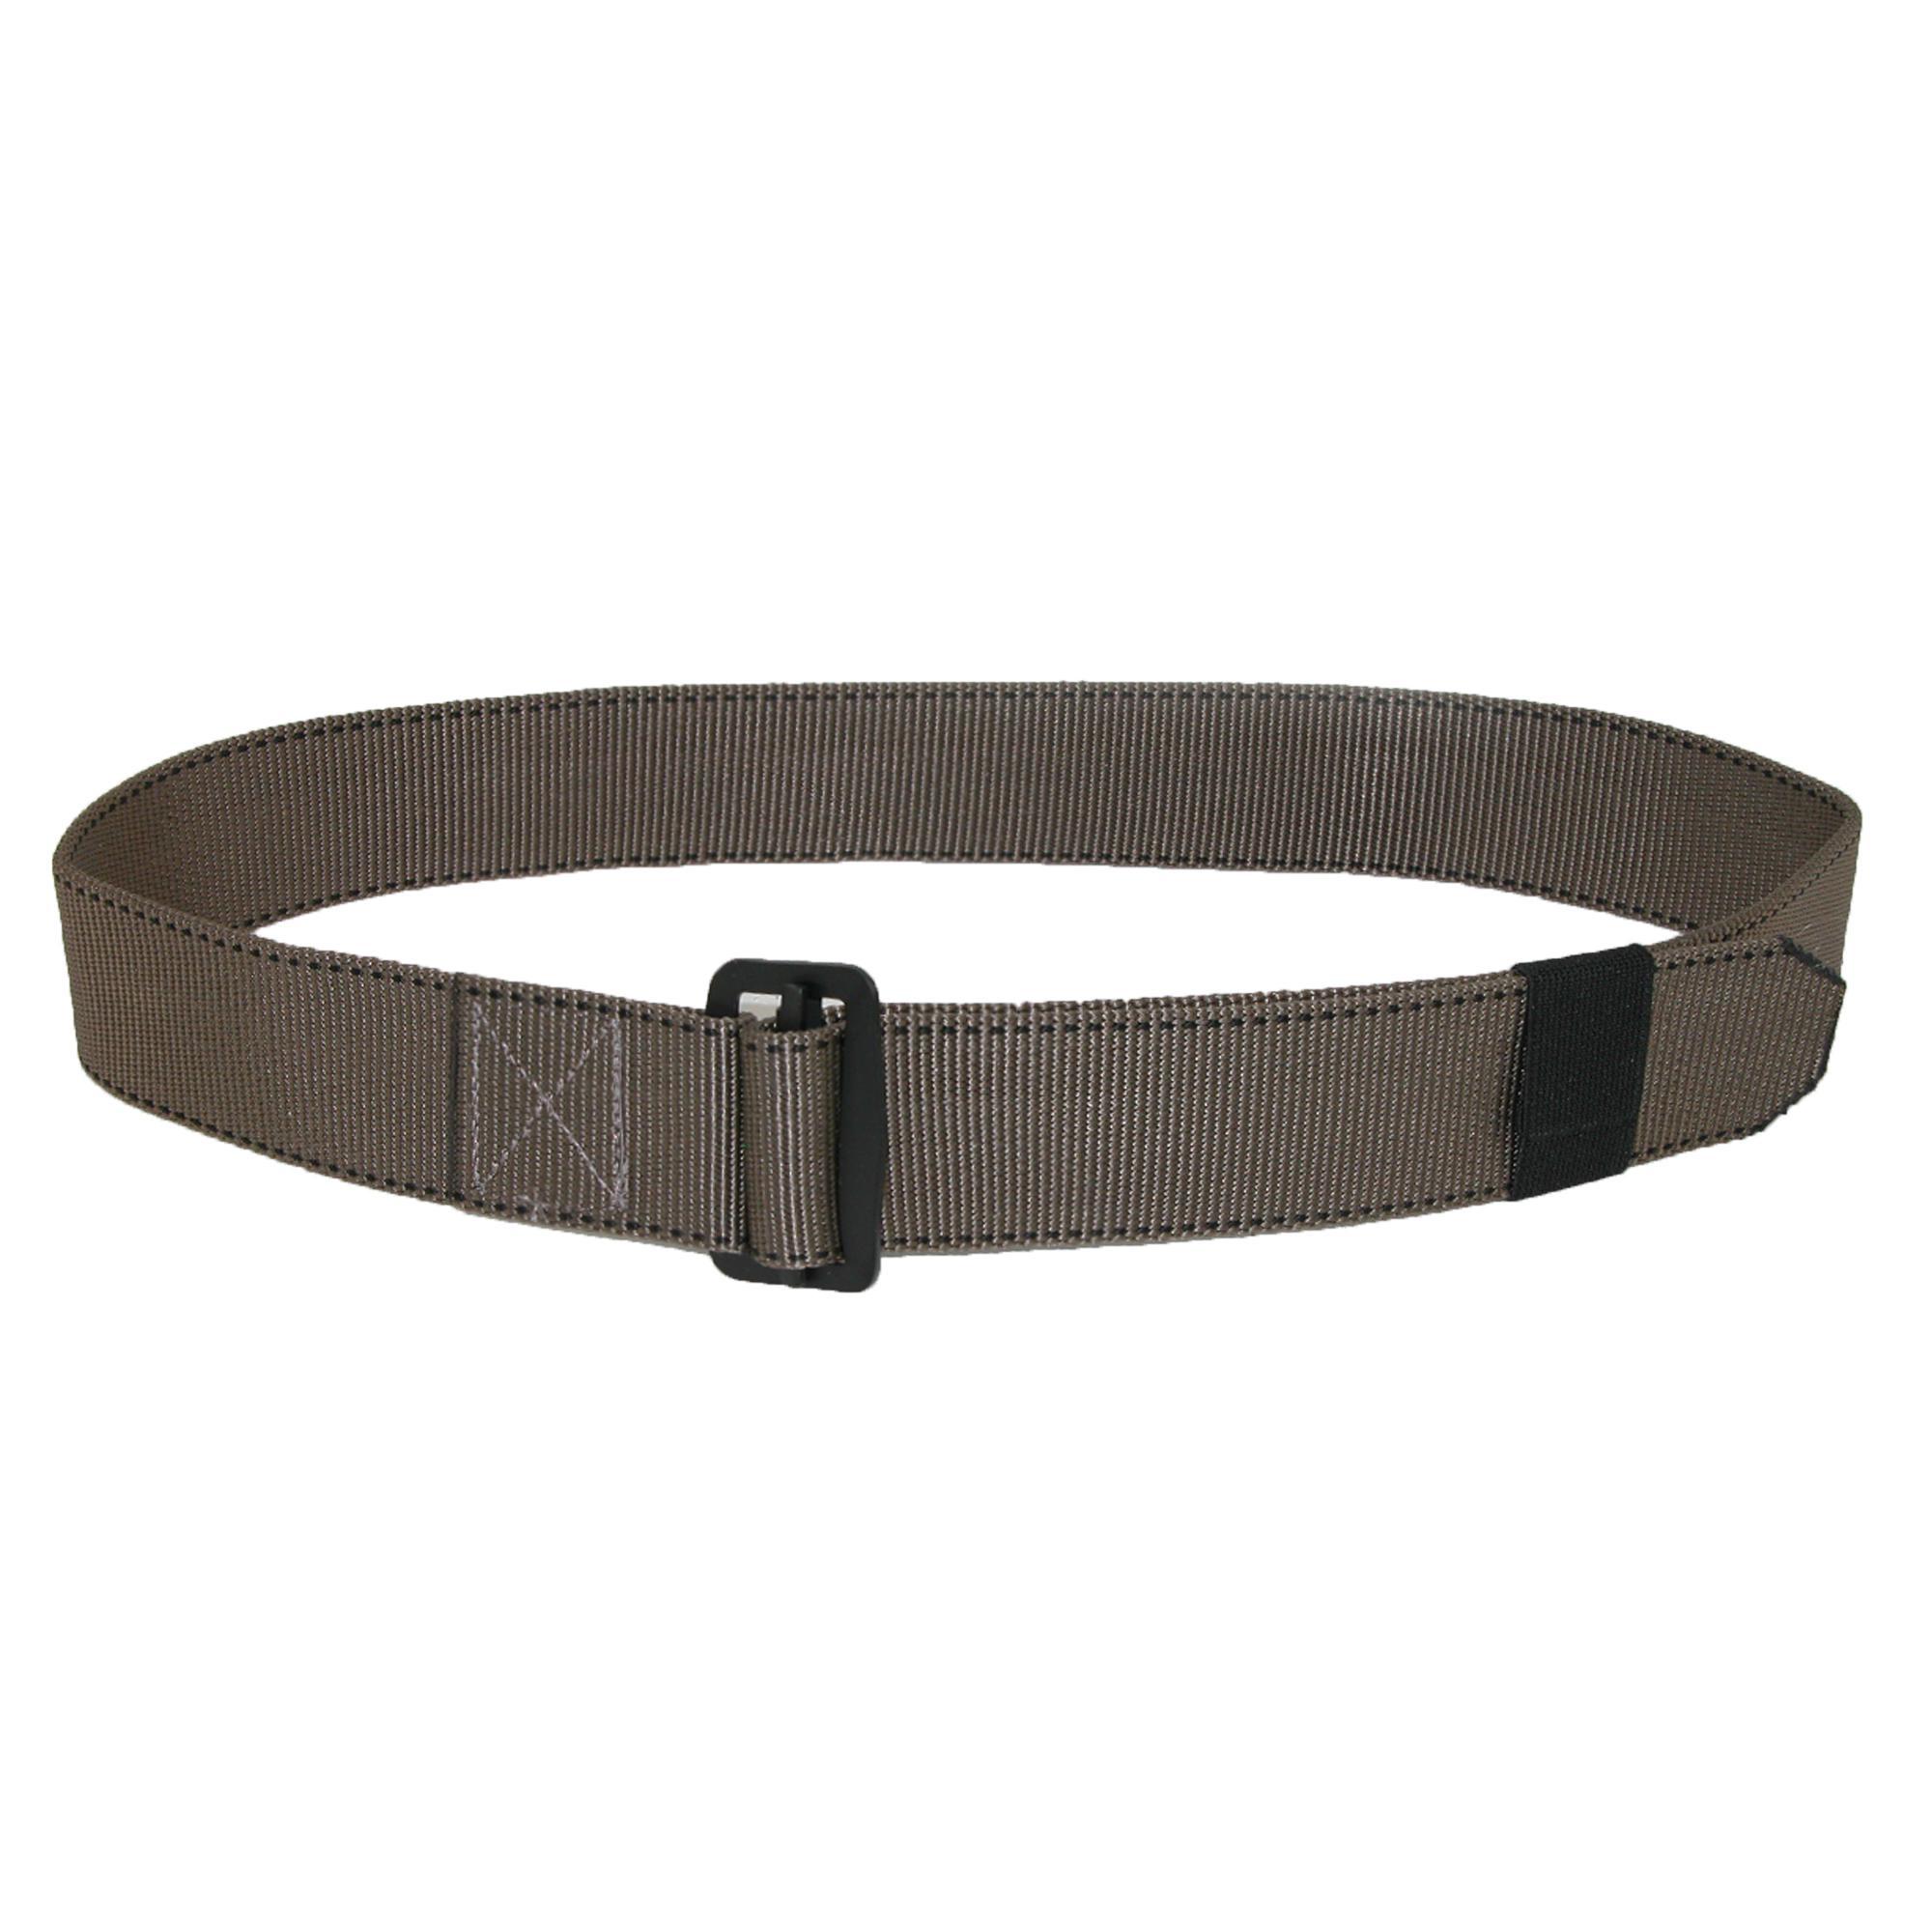 Ctm Mens Big & Tall Fabric 1 3/4 Inch Bdu Adjustable Belt